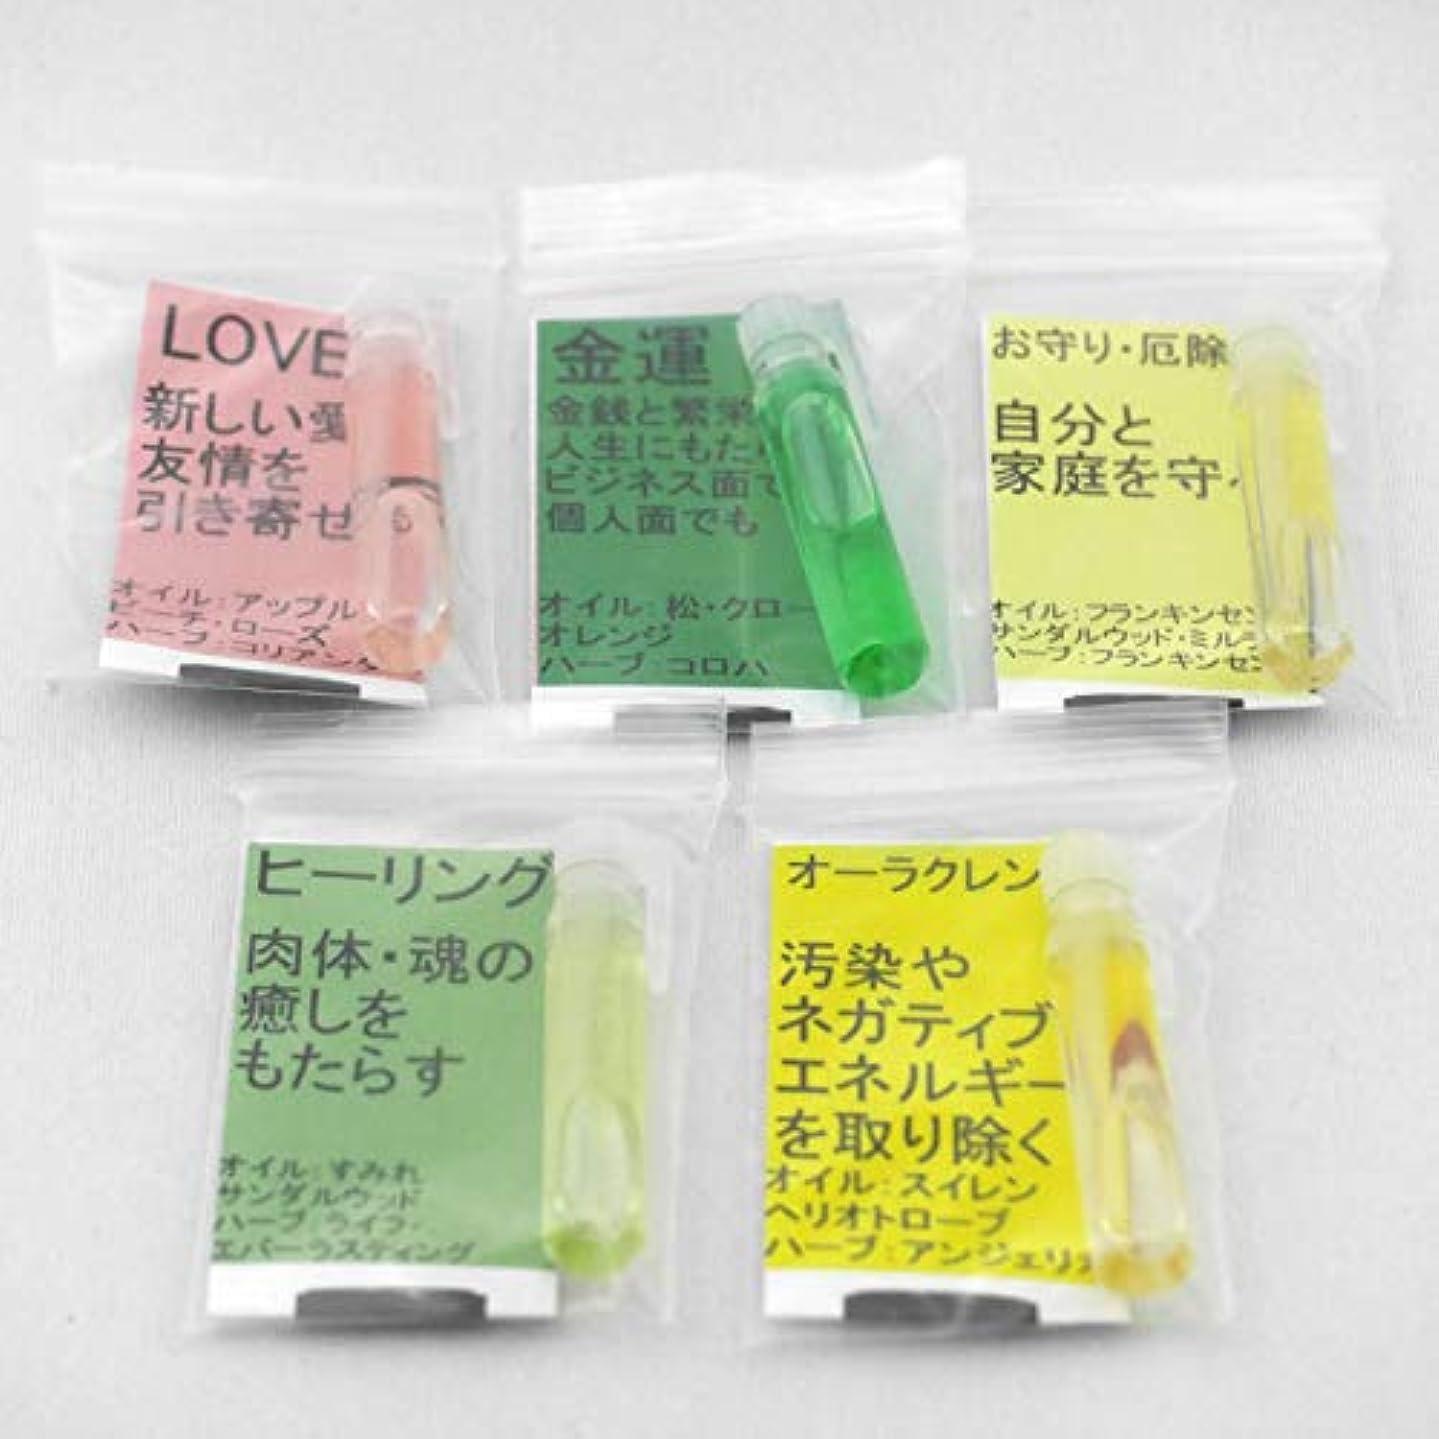 器用蓮前売アンシェントメモリーオイル 基本の5本小分けセット(LOVE?MoneyDraw?Protection?Healing?Aura Cleanse)